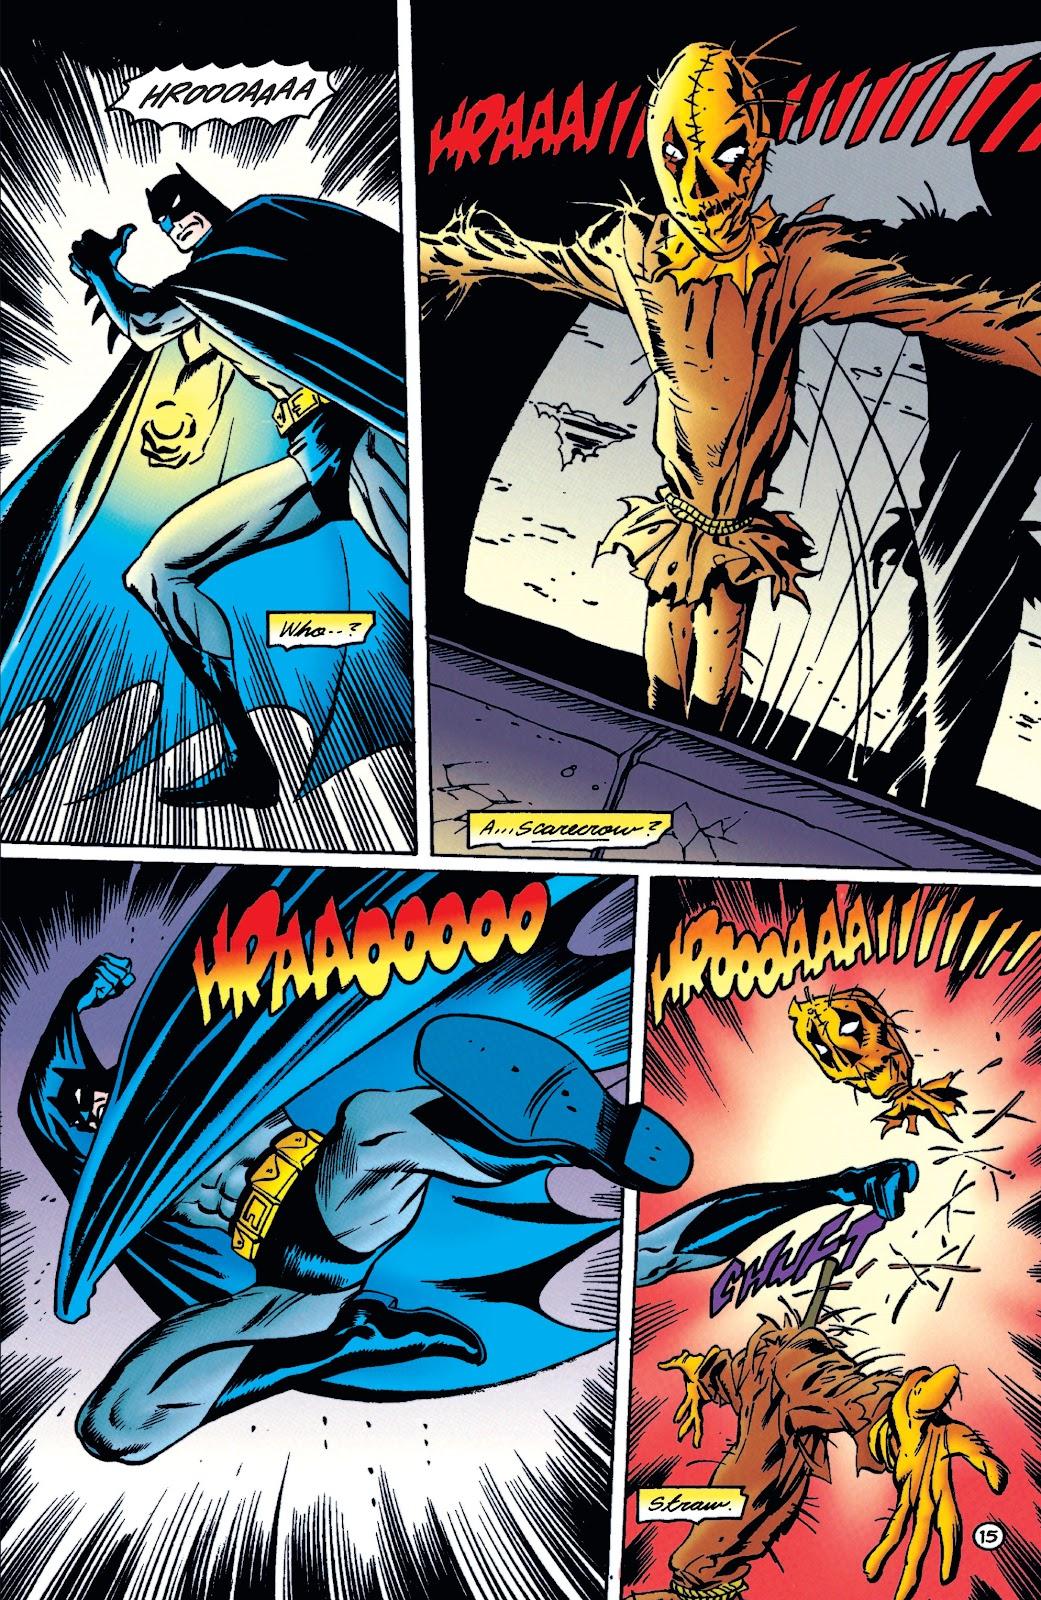 Read online Batman Arkham: Scarecrow comic -  Issue # TPB (Part 2) - 55